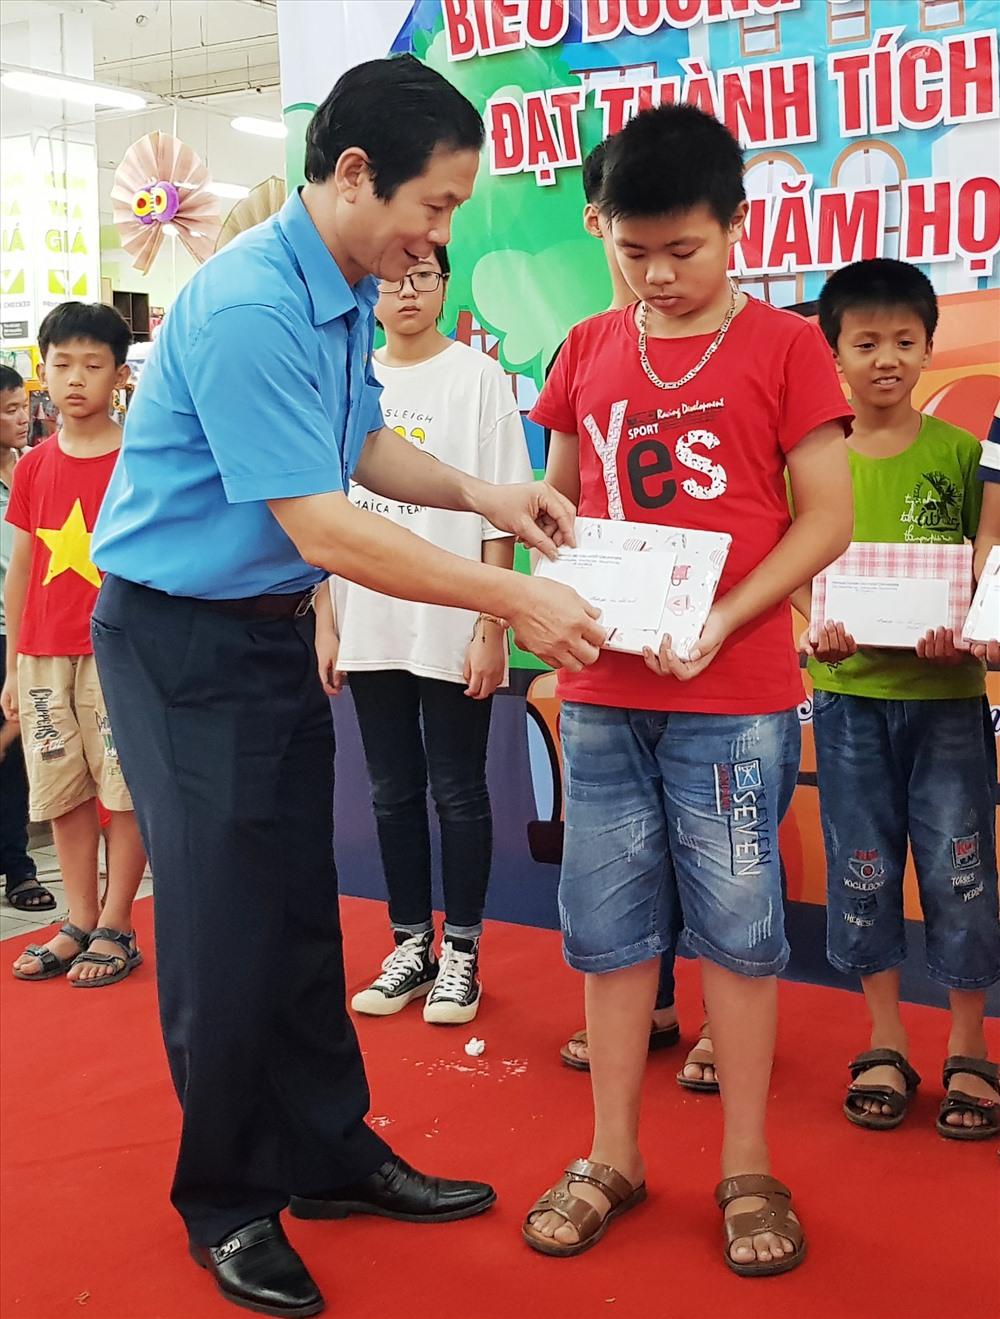 Đồng chí Trần Kim Long, Phó chủ tịch LĐLĐ tỉnh Ninh Bình tặng quà cho các em học sinh. Ảnh: NT